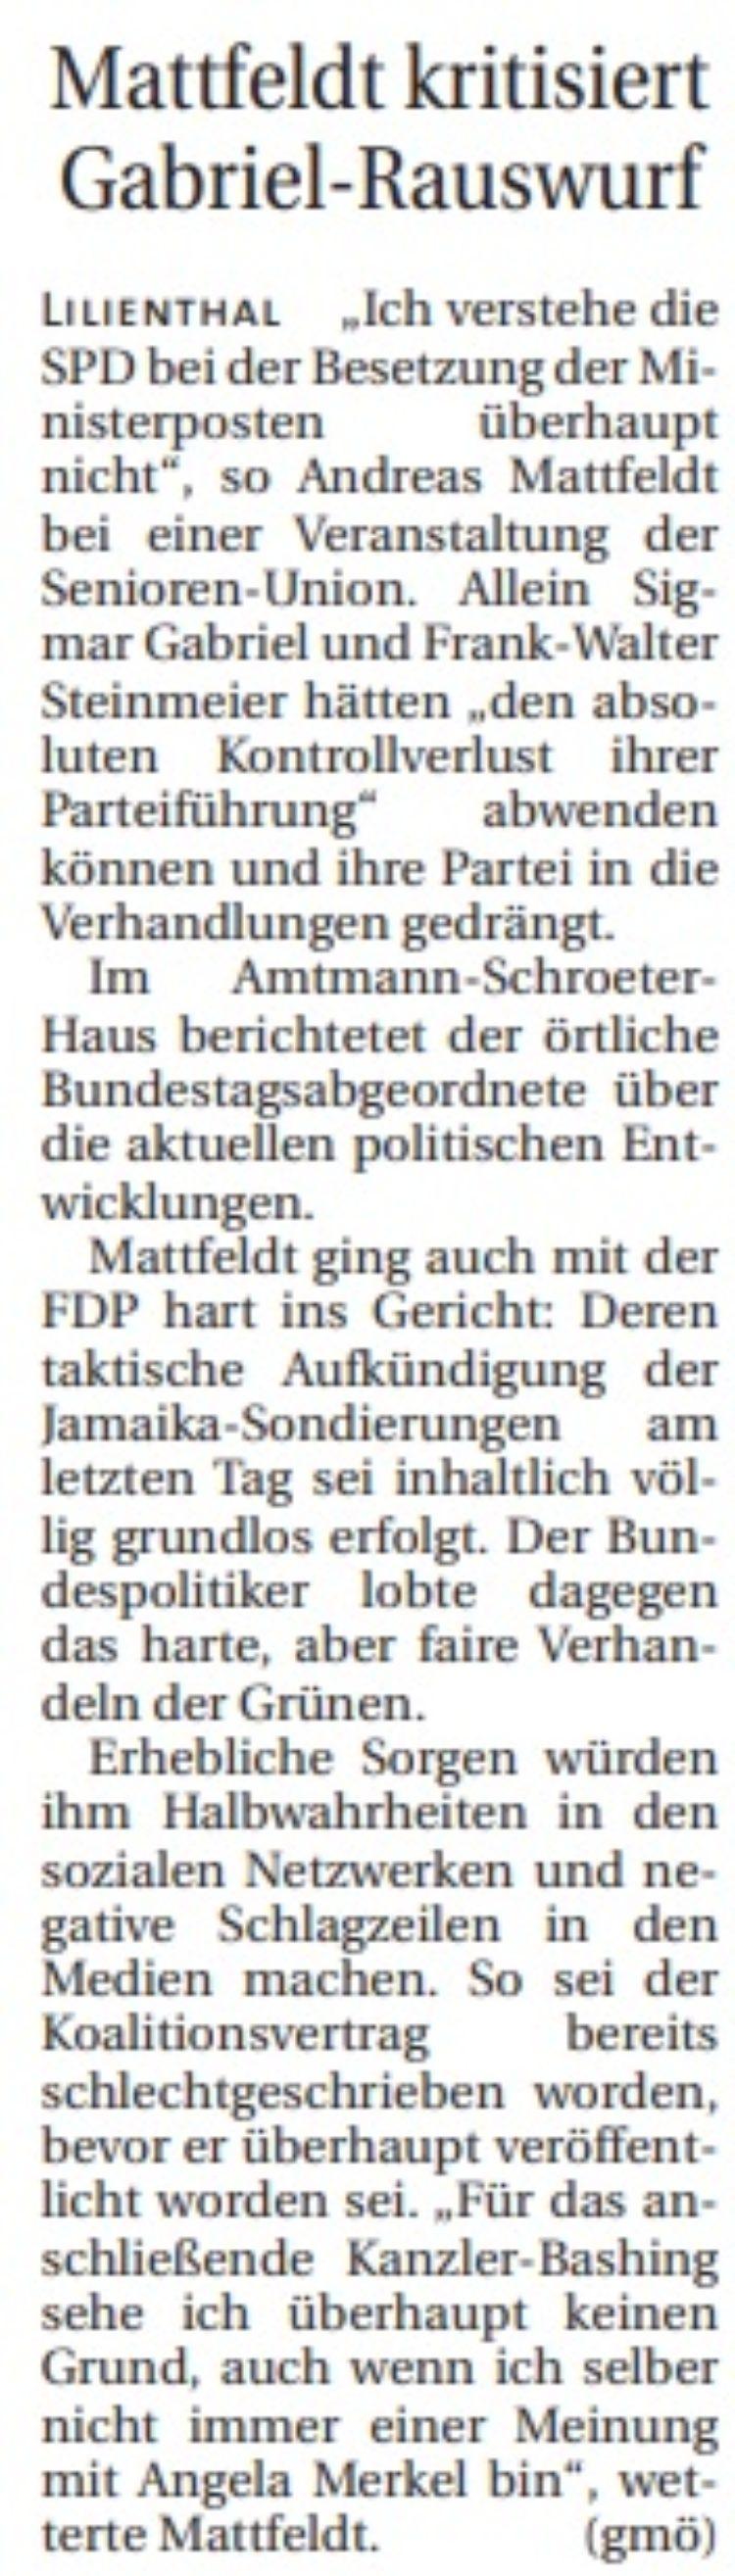 Mattfeldt bei der Senioren Union Lilienthal